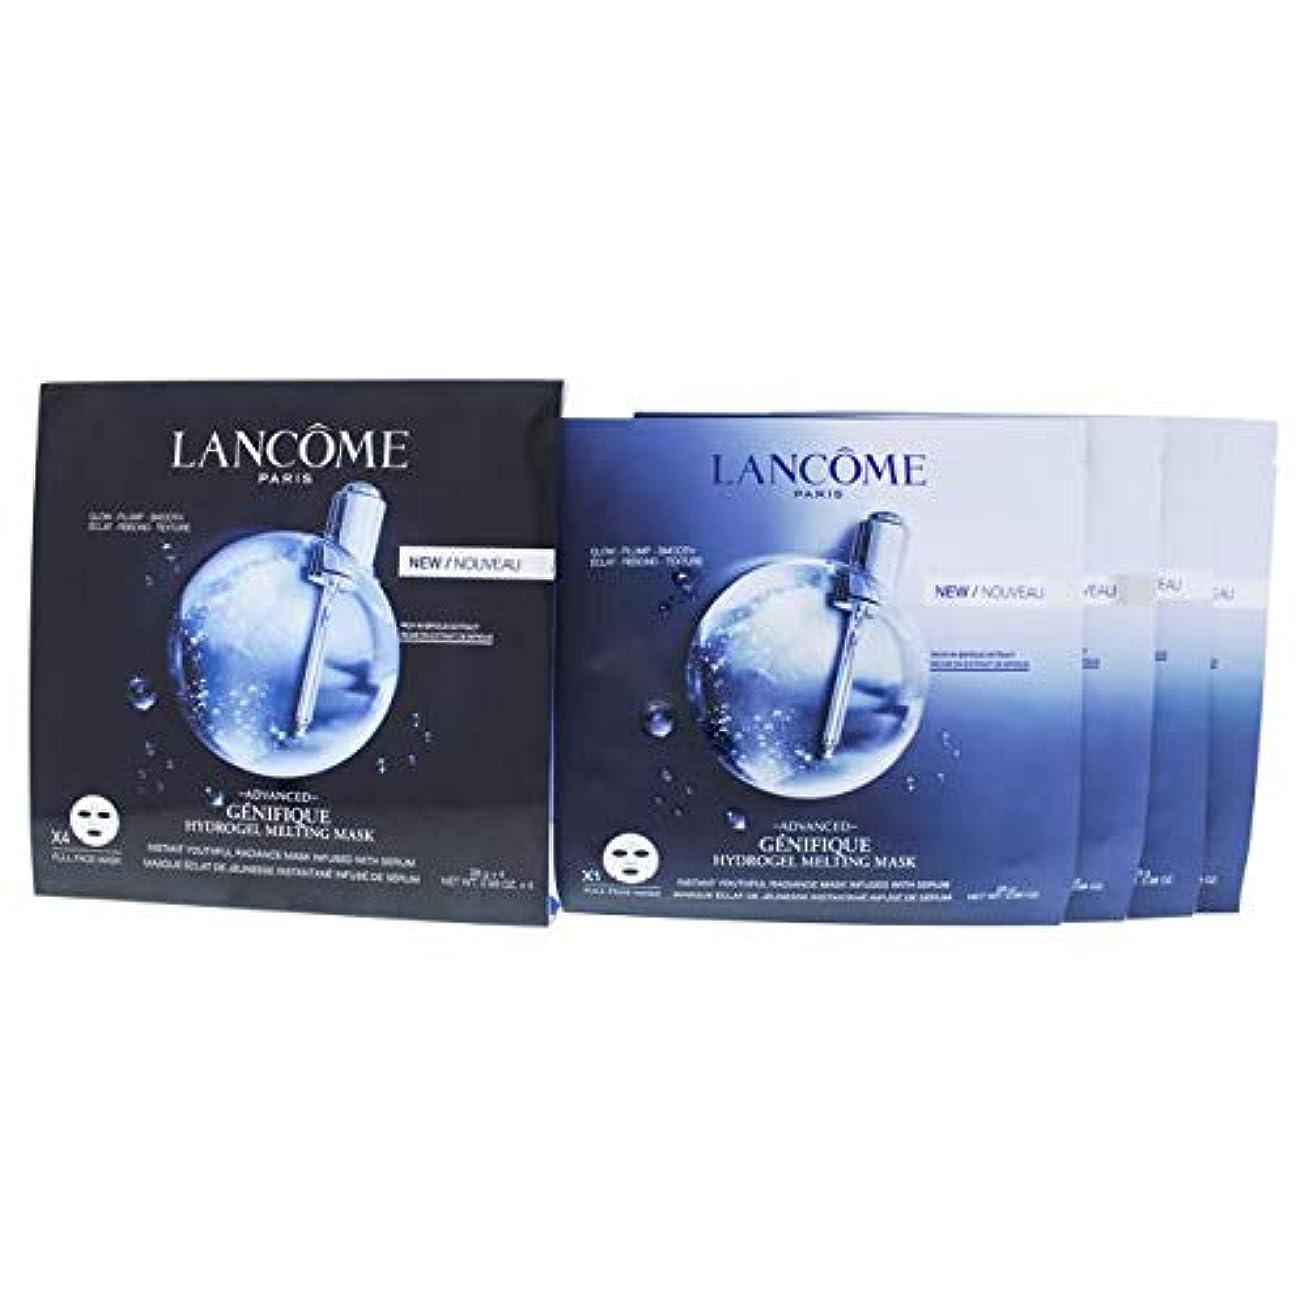 累計また明日ねに向けて出発ランコム Genifique Advanced Hydrogel Melting Mask 4sheets並行輸入品